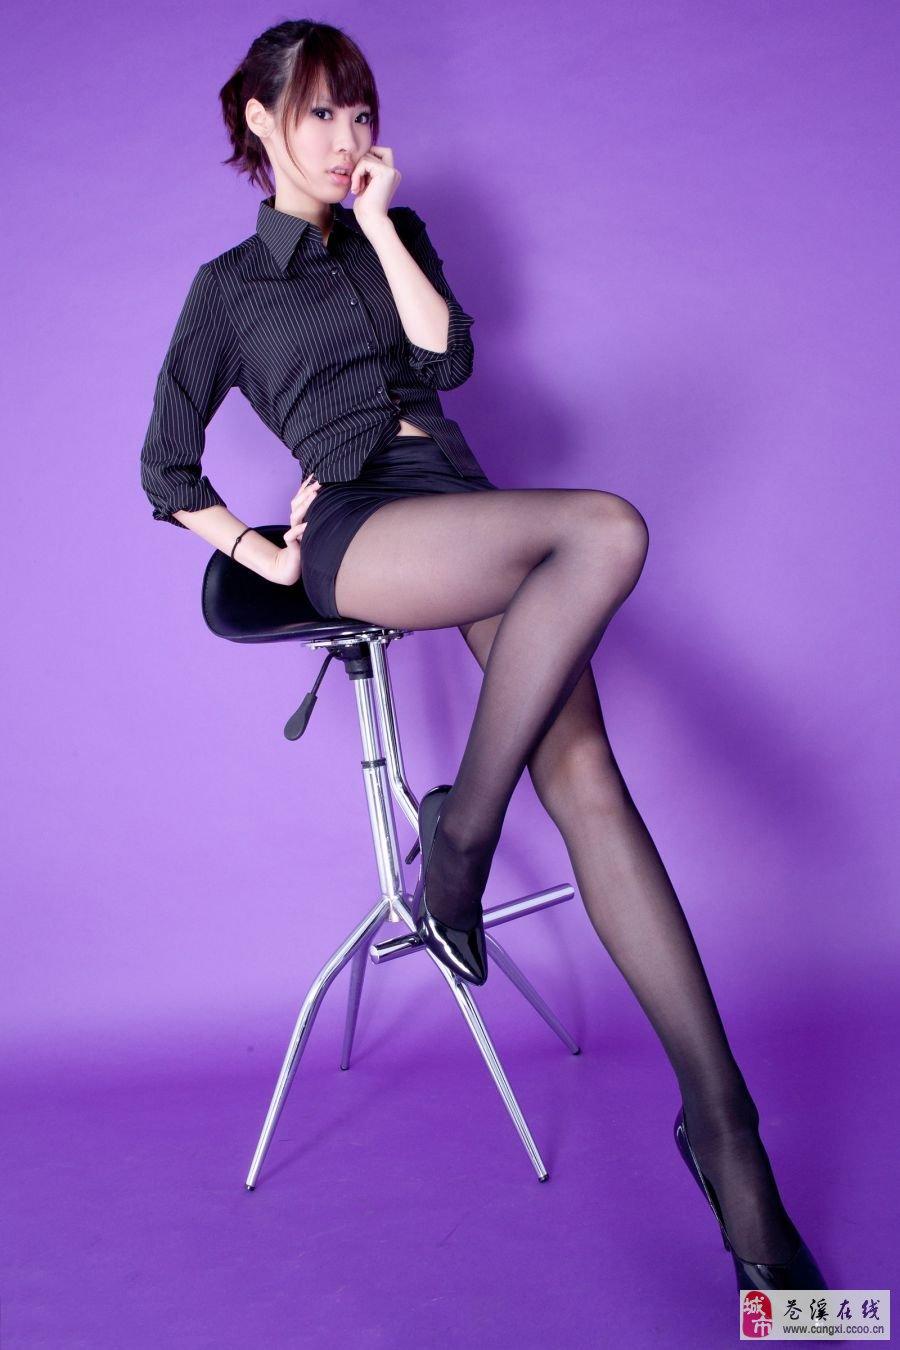 漂亮宅女 漂亮美腿美女 美女壁纸